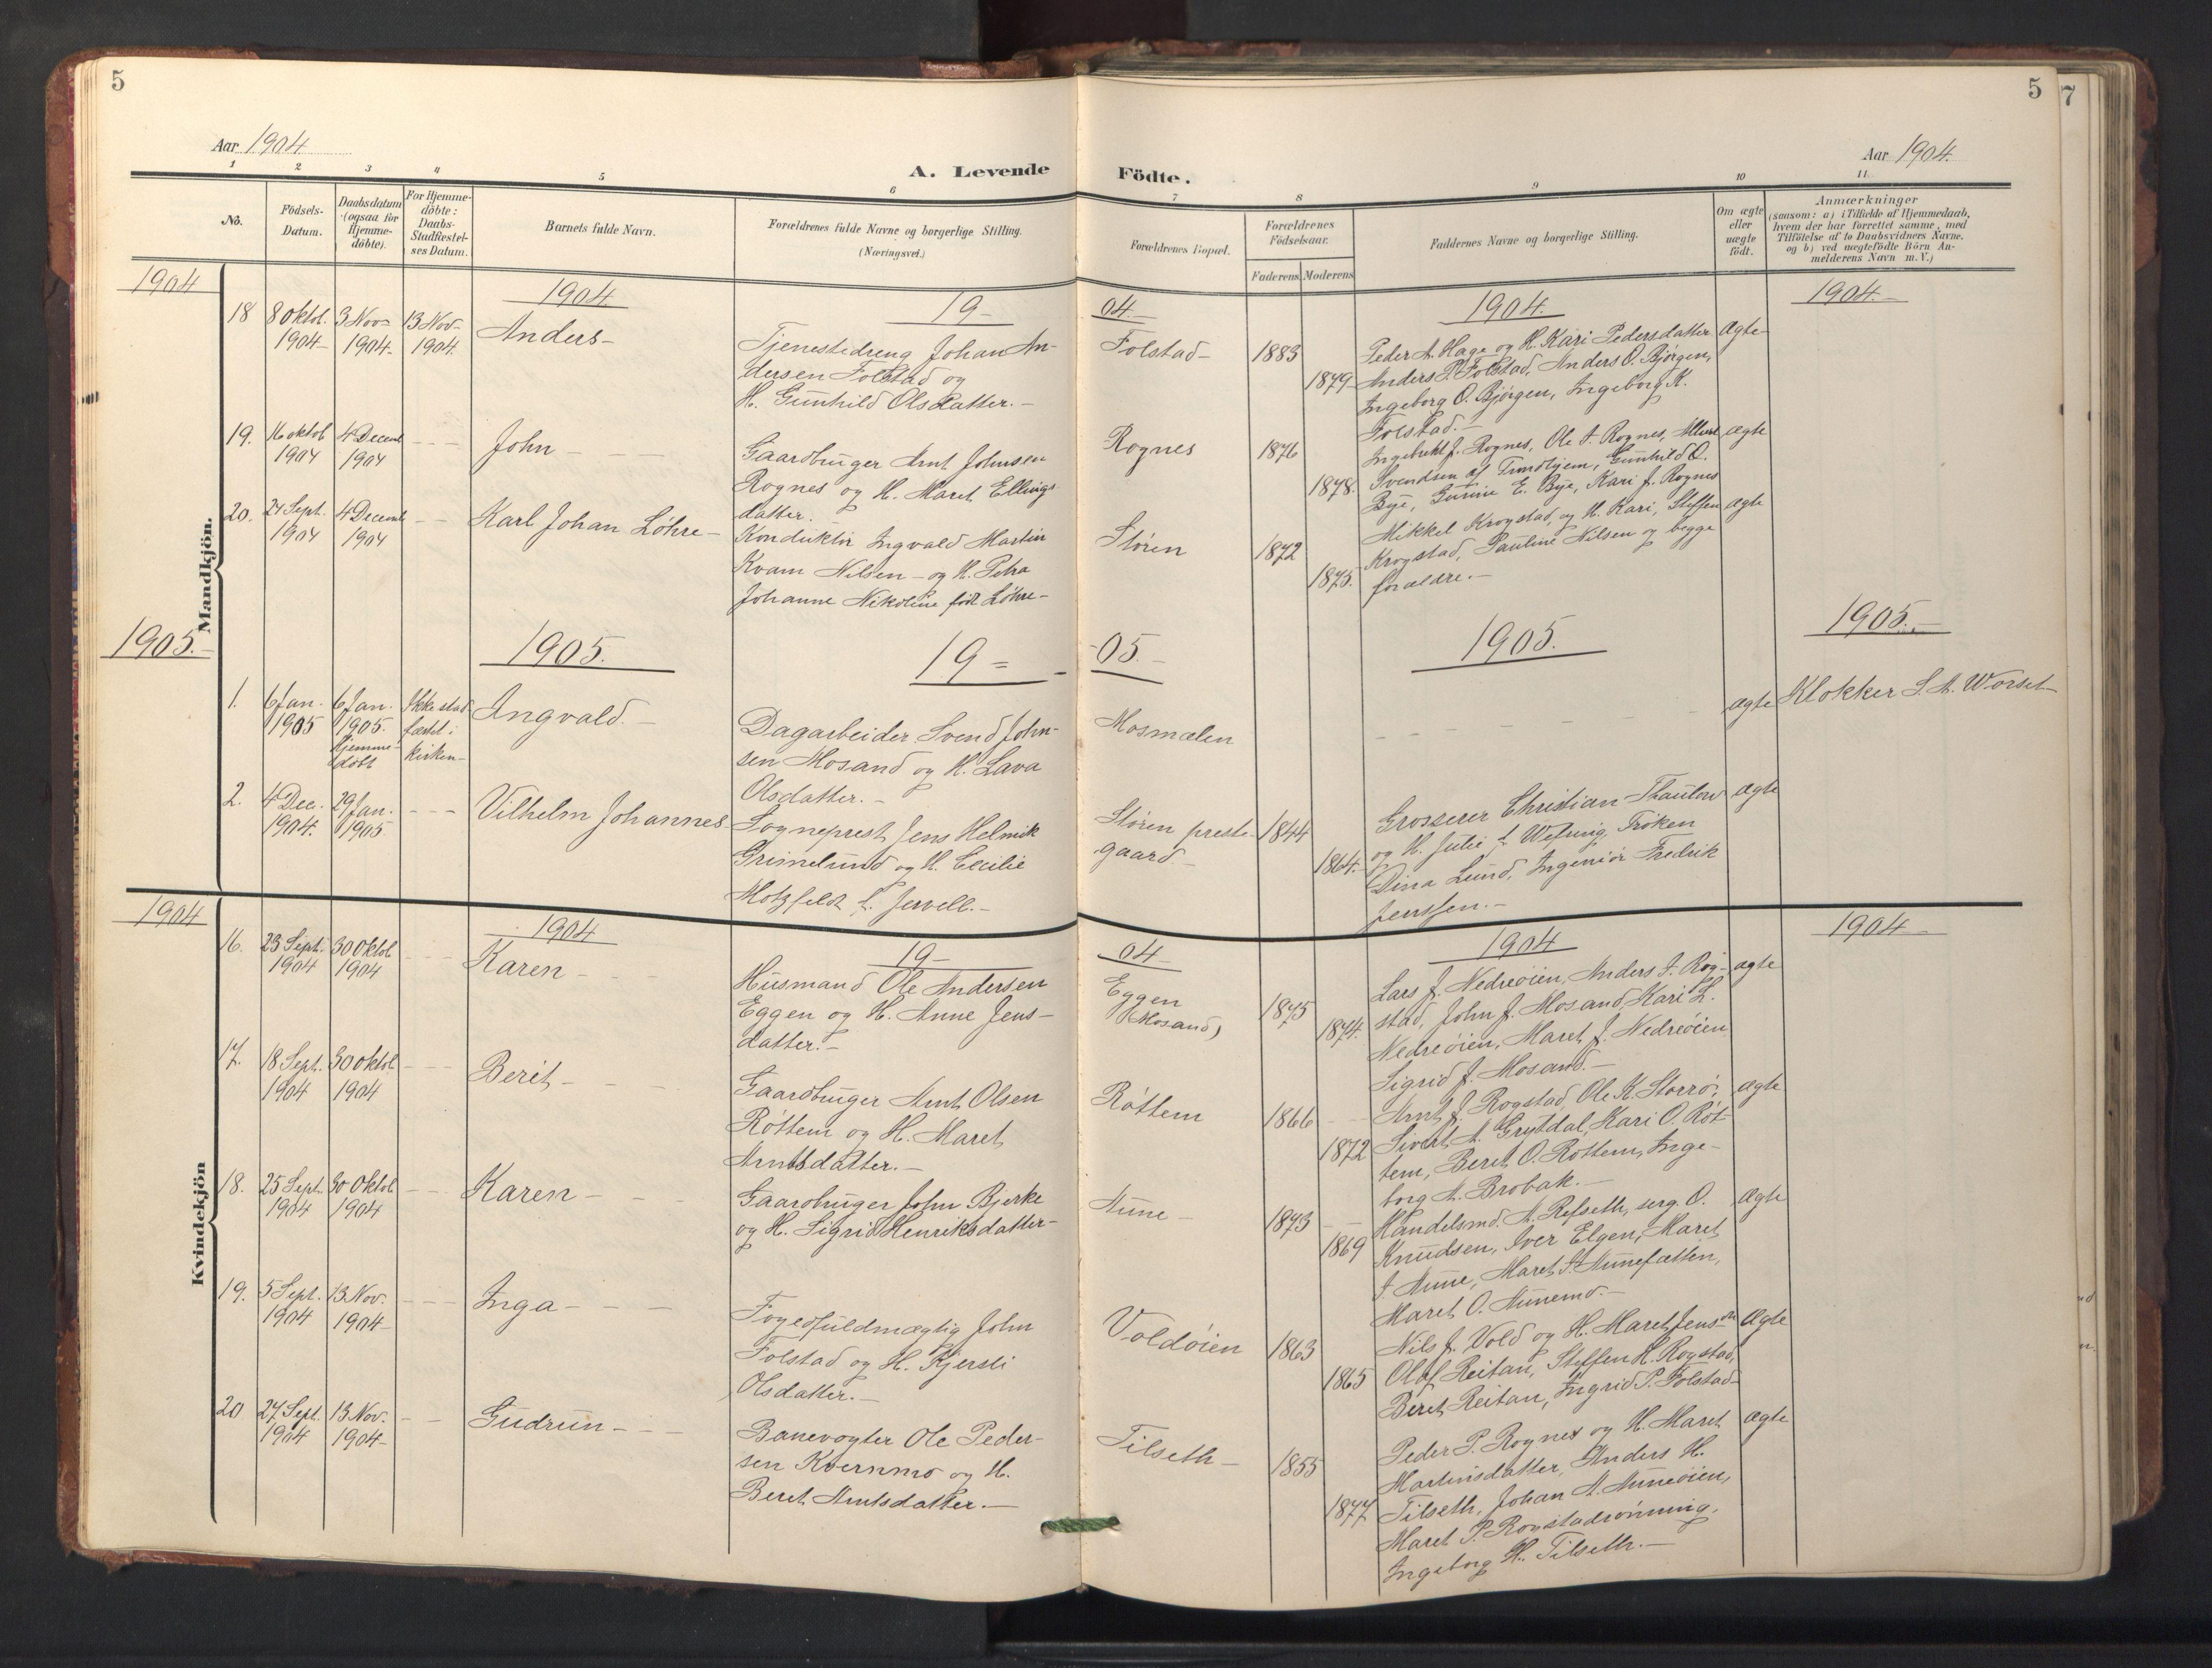 SAT, Ministerialprotokoller, klokkerbøker og fødselsregistre - Sør-Trøndelag, 687/L1019: Klokkerbok nr. 687C03, 1904-1931, s. 5